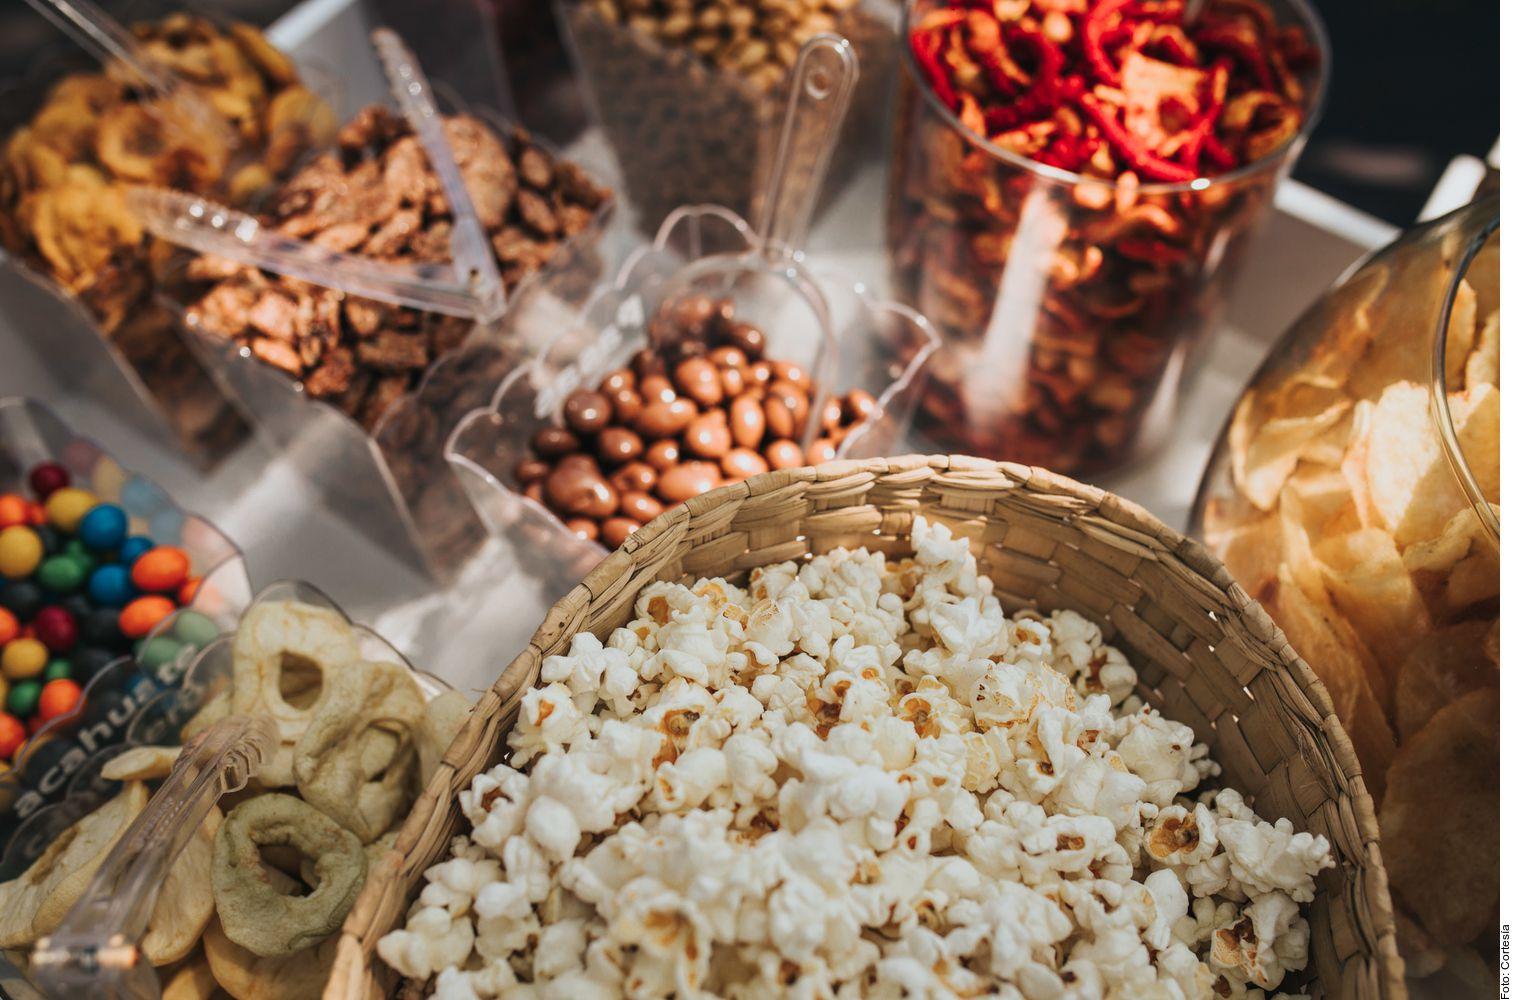 Hay diferentes acciones que se pueden implementar para que un festejo sea más amigable con el ambiente. Hay algunas parejas que incluso buscan que los residuos de la comida vayan a la composta.